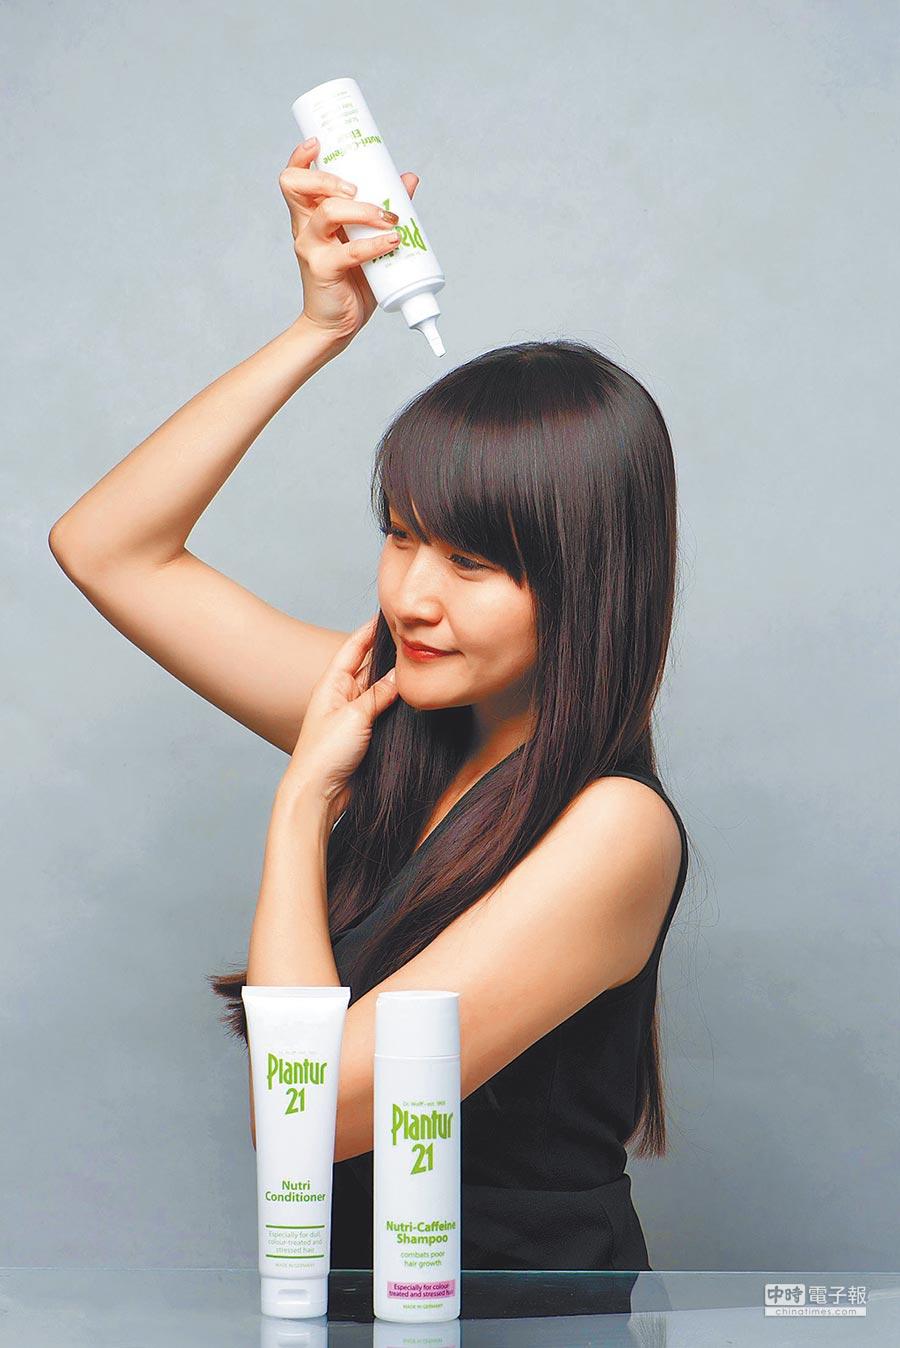 全新Plantur 21洗髮露能提供頭髮所需能量,呵護媽媽頭皮健康。圖片提供Dr. Wolff